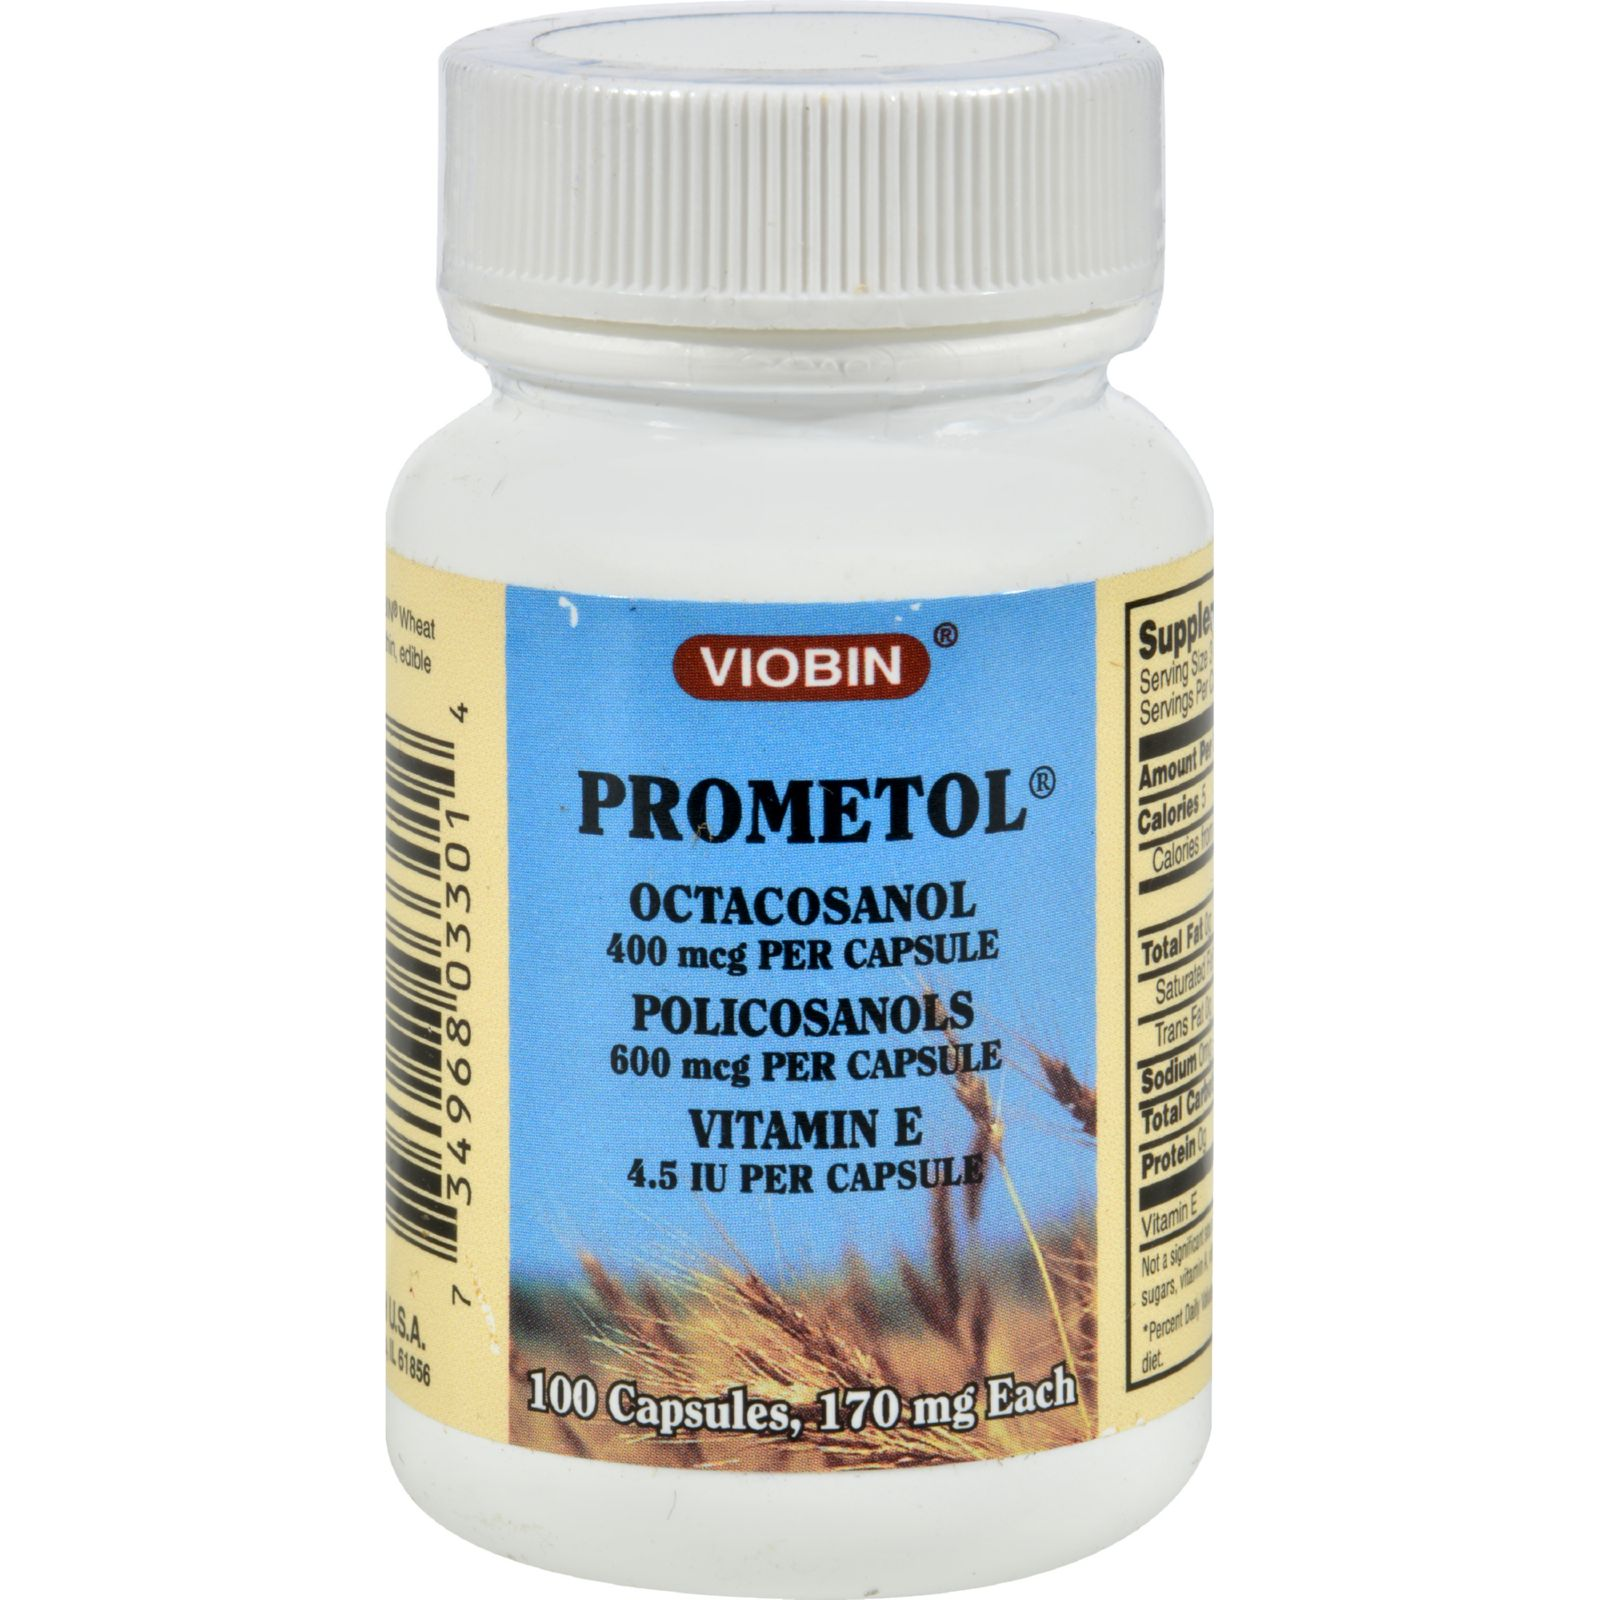 Viobin Prometol - 170 Mg - 100 Capsules